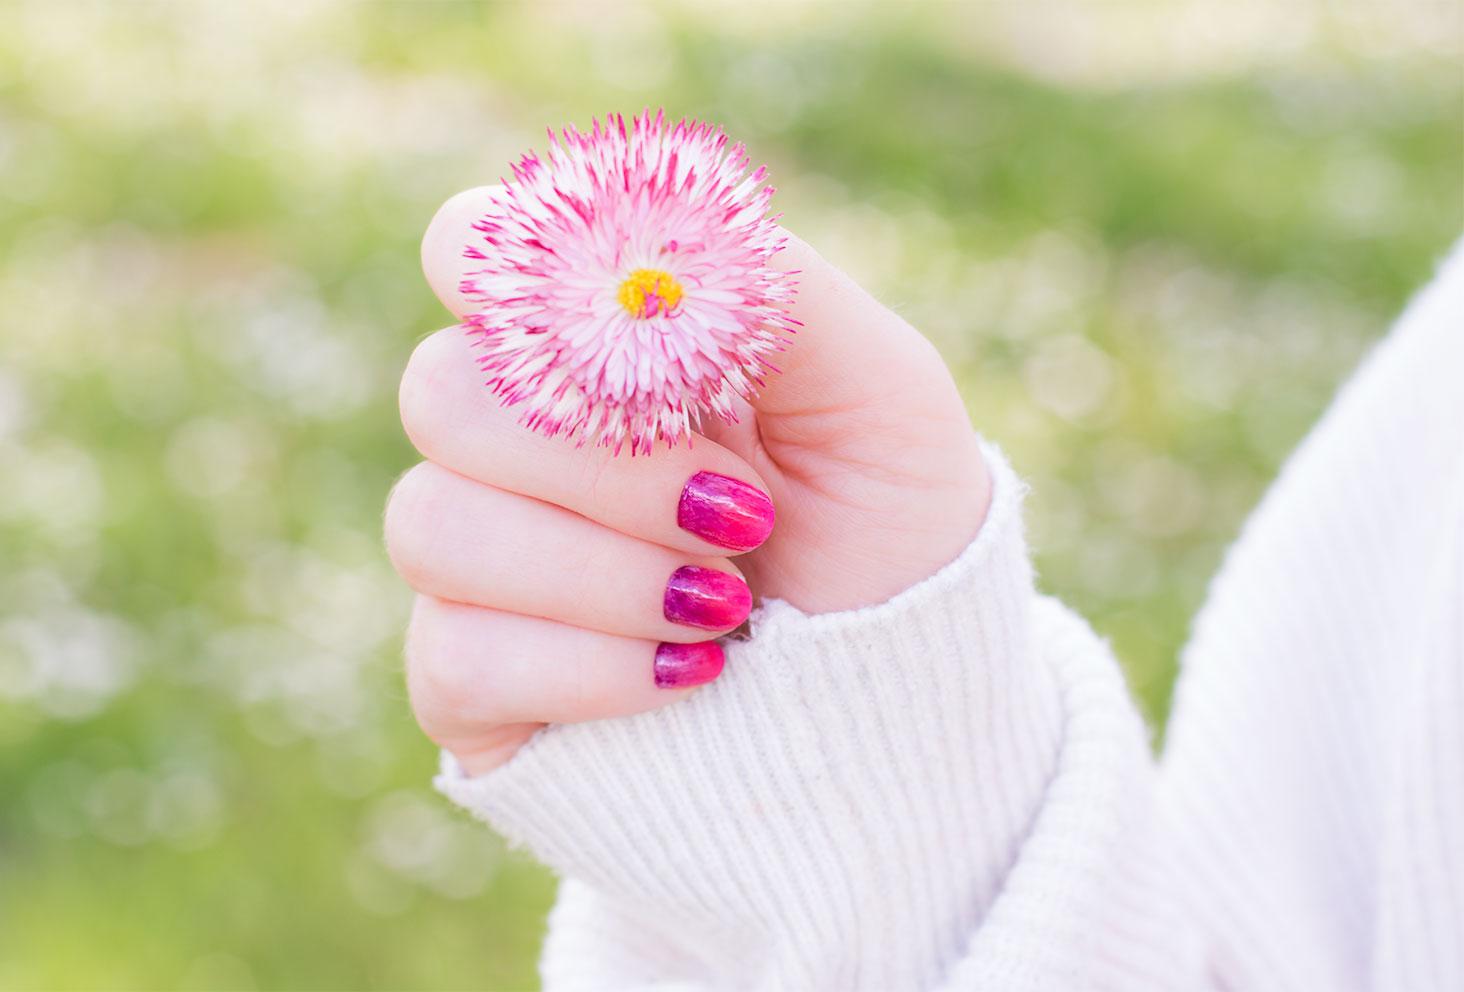 Résultat du nailart dégradé réalisé avec les vernis SO'BiO étic une fleur dégradée rose et blanche dans la main de la même couleur